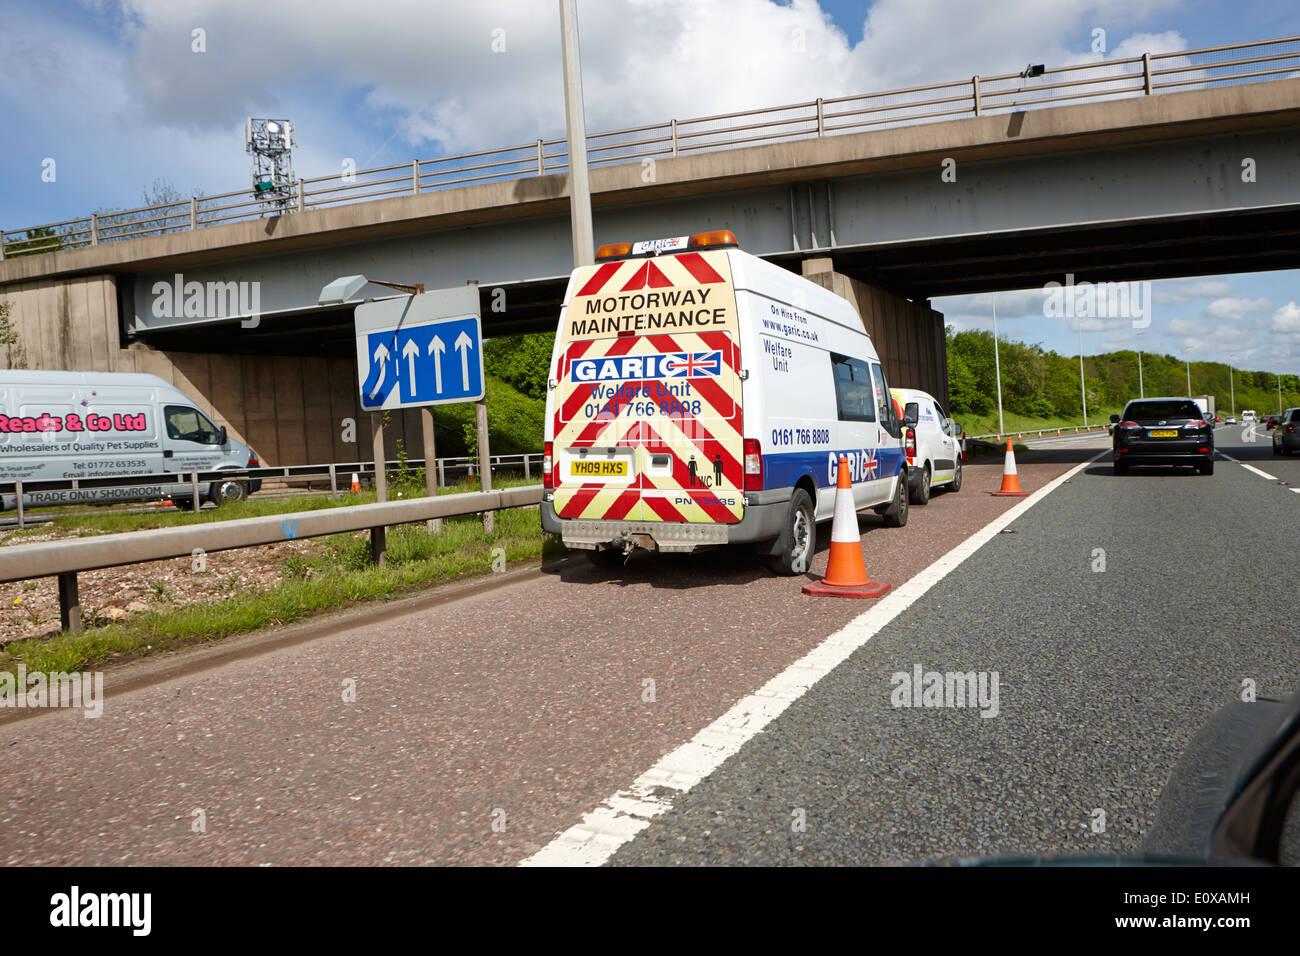 Autostrada garic manutenzione veicolo parcheggiato sul disco spalla dell'autostrada m6 England Regno Unito Foto Stock